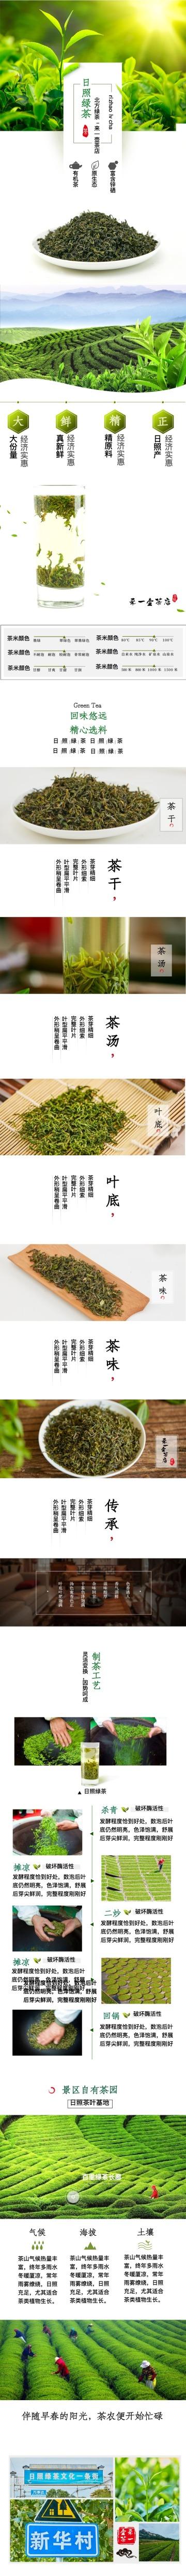 绿色健康茶叶电商详情图